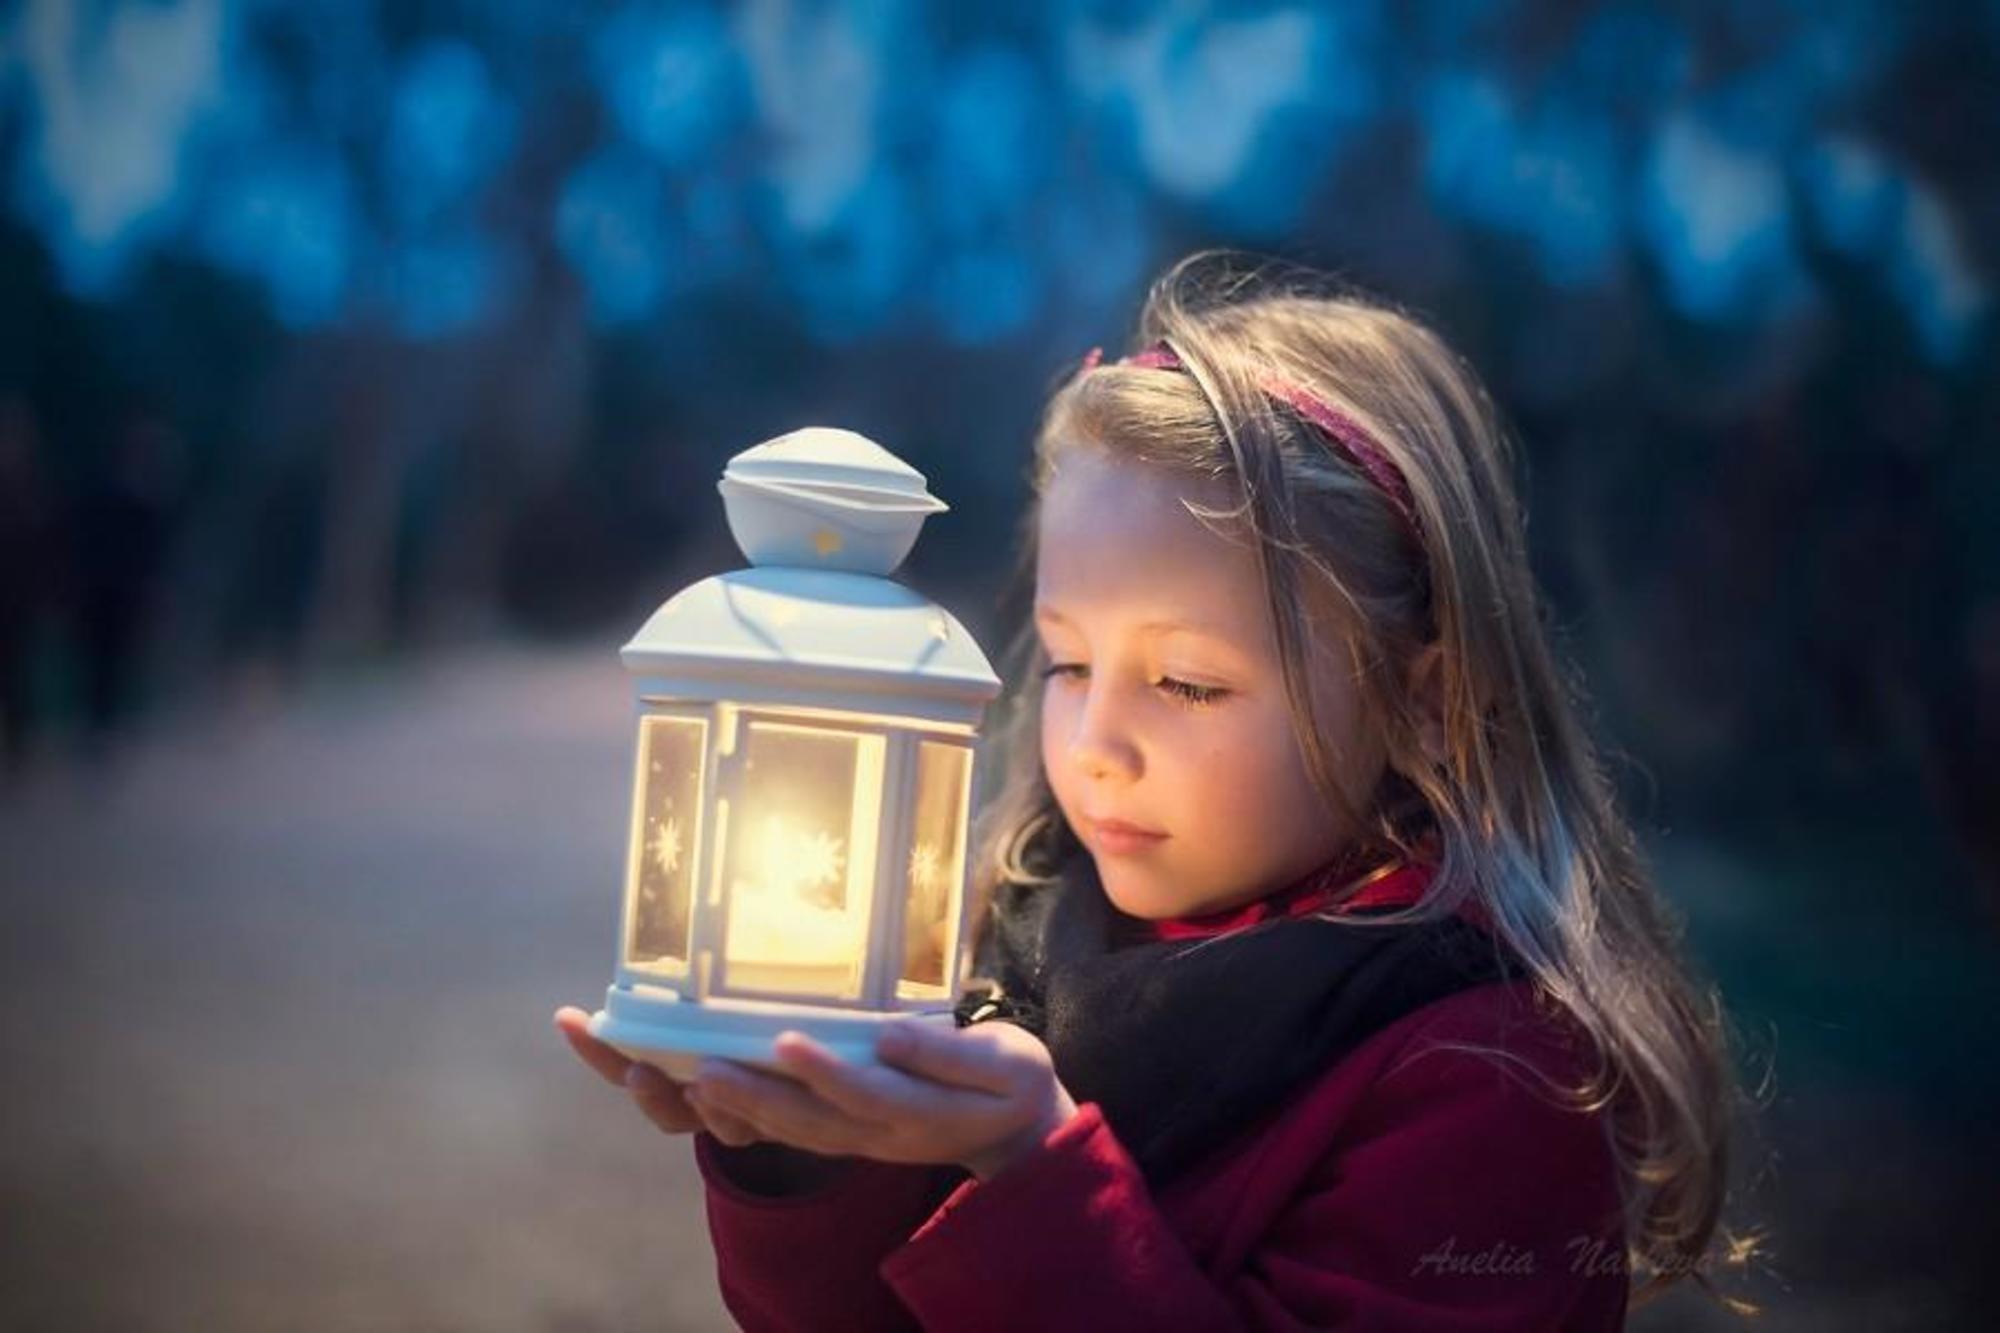 Little Girl Holidays Light HD Wallpaper. Download best Little Girl Holidays  Light HD Wallpaper for